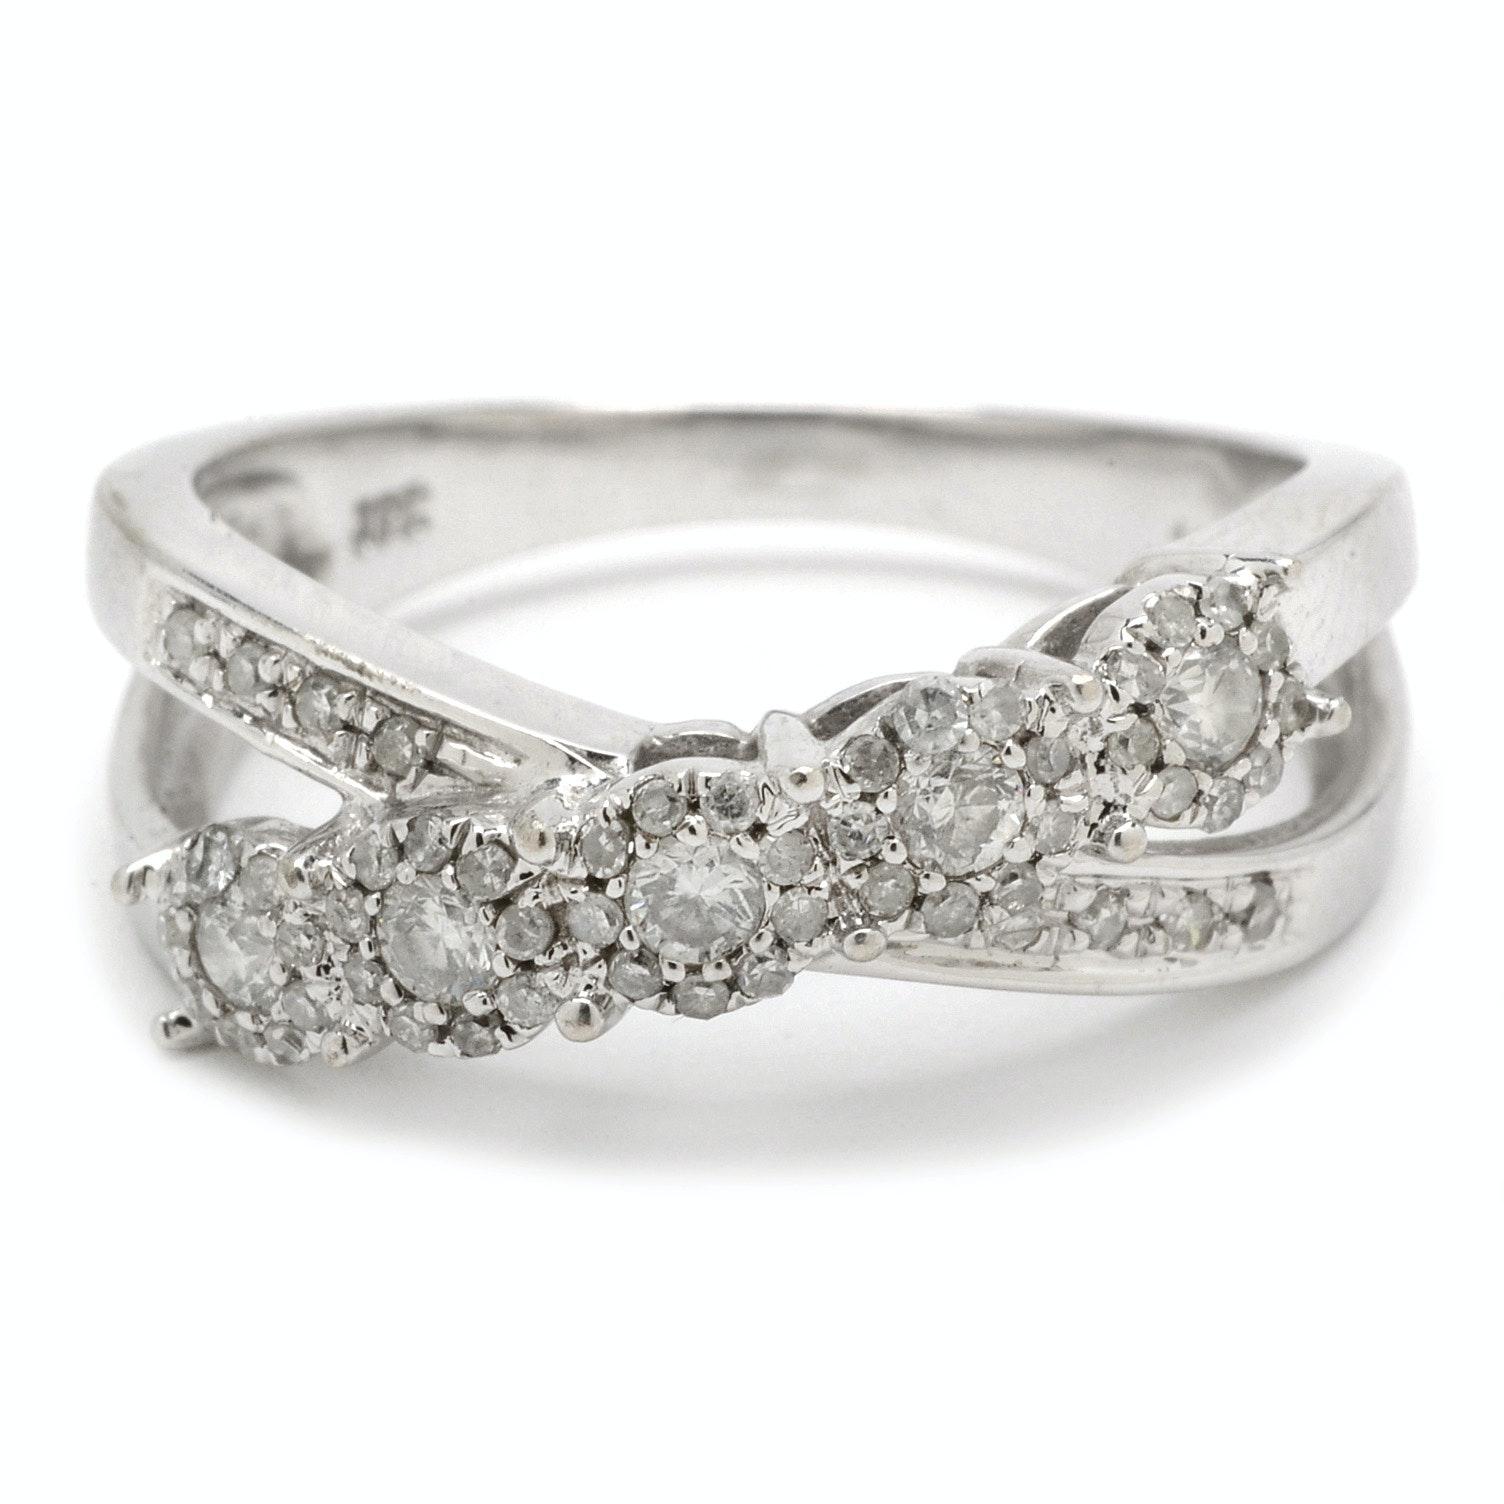 10K White Gold Diamond Criss Cross Ring